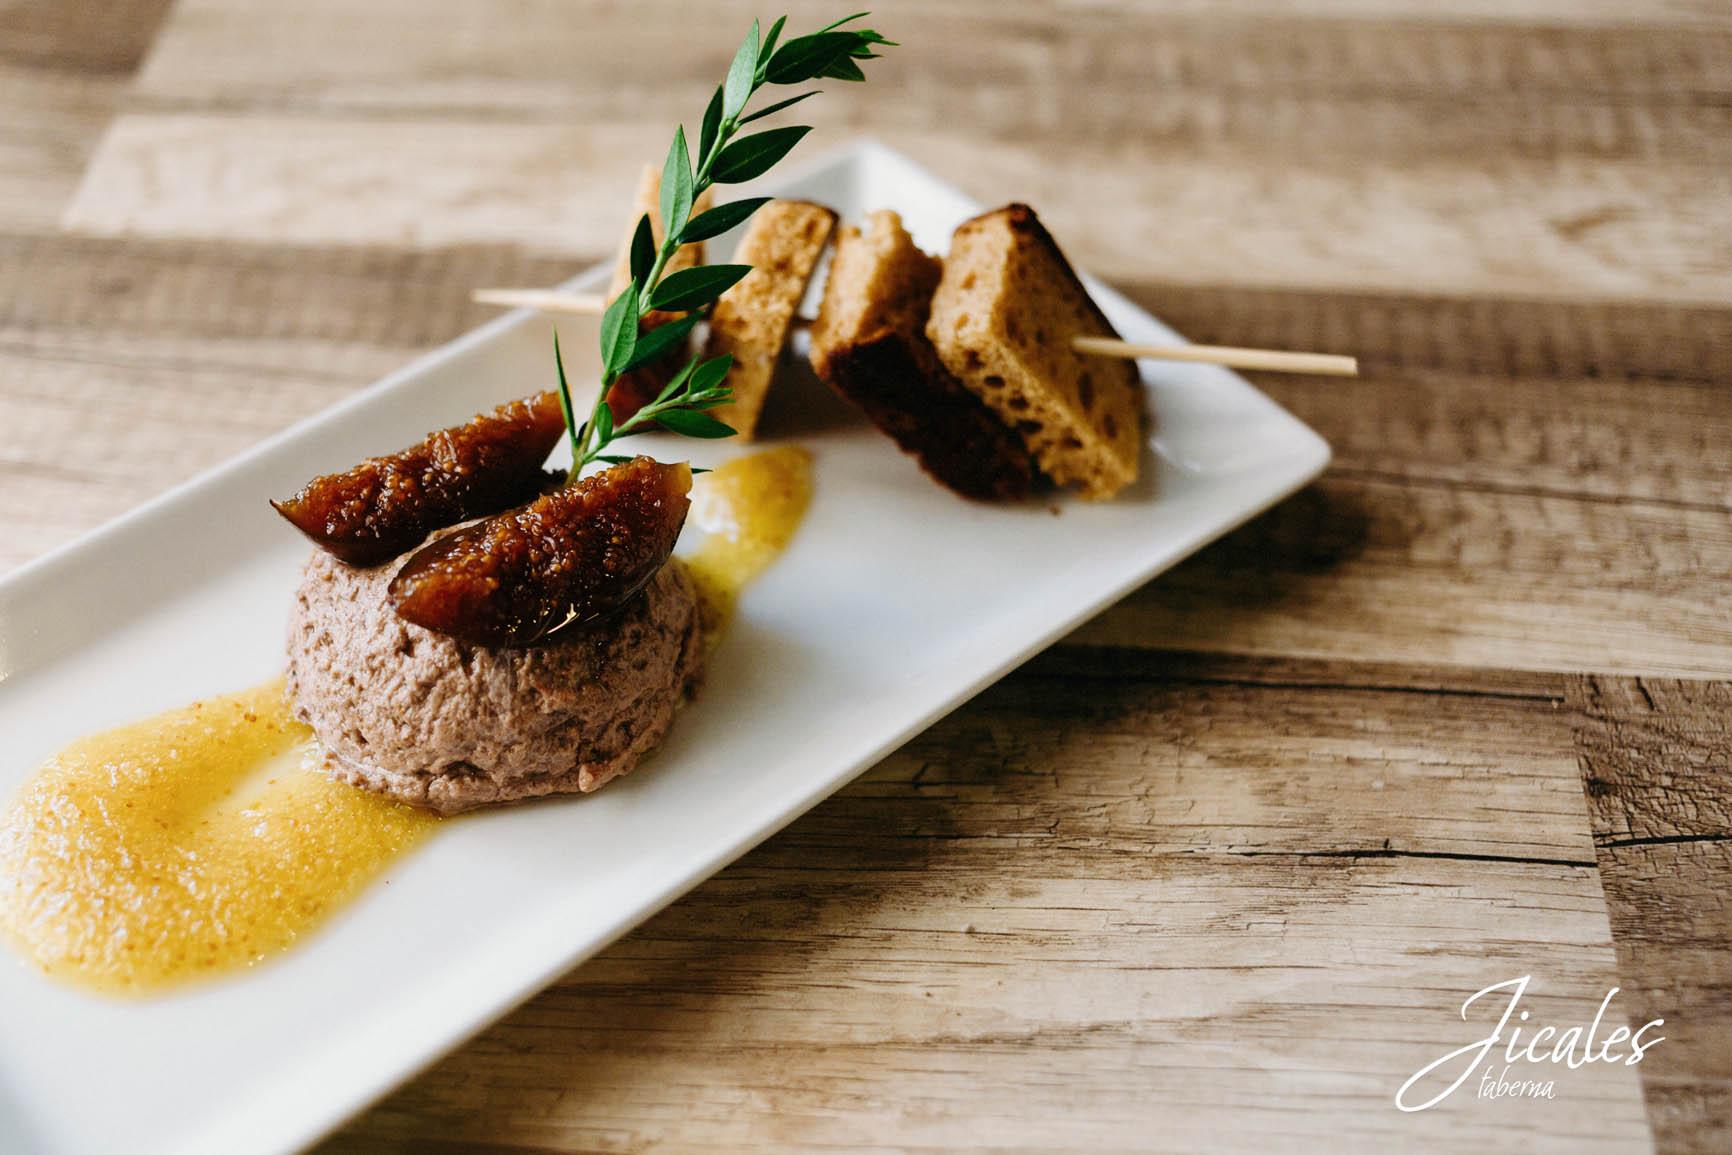 Paté de perdiz con higos caramelizados, mermelada de higos y pan con especies